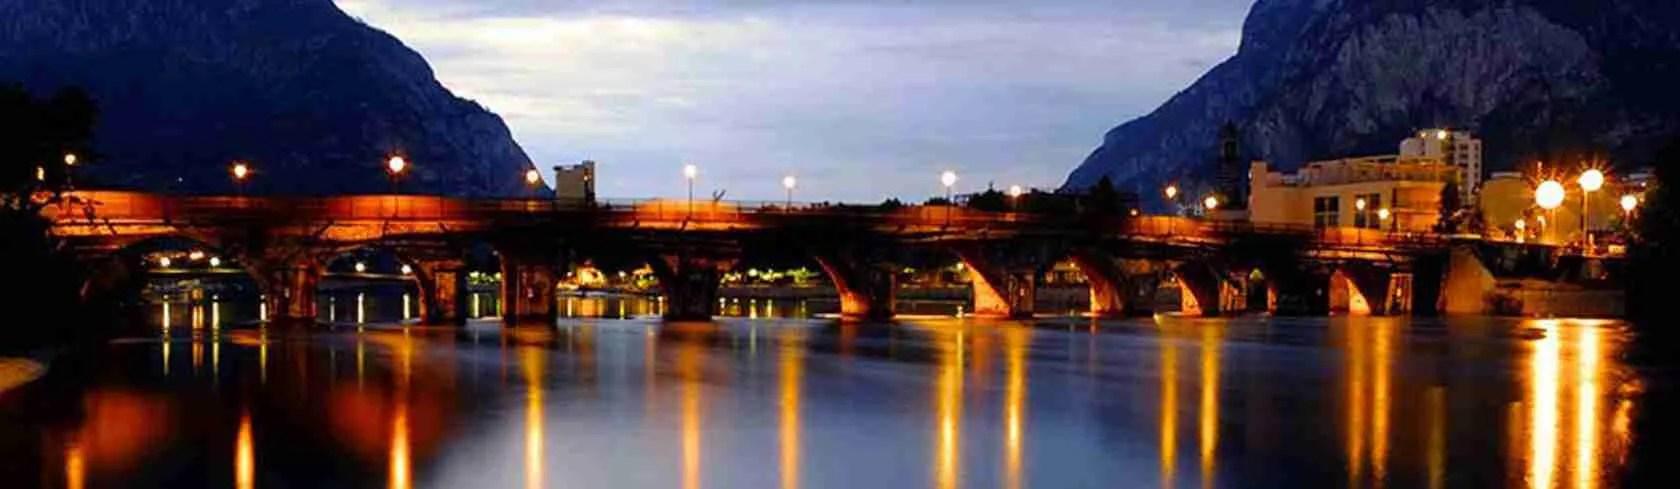 Il Ponte Azzone Visconti di Lecco illuminato. Una vista mozzafiato da ammirare con una escort Lecco.